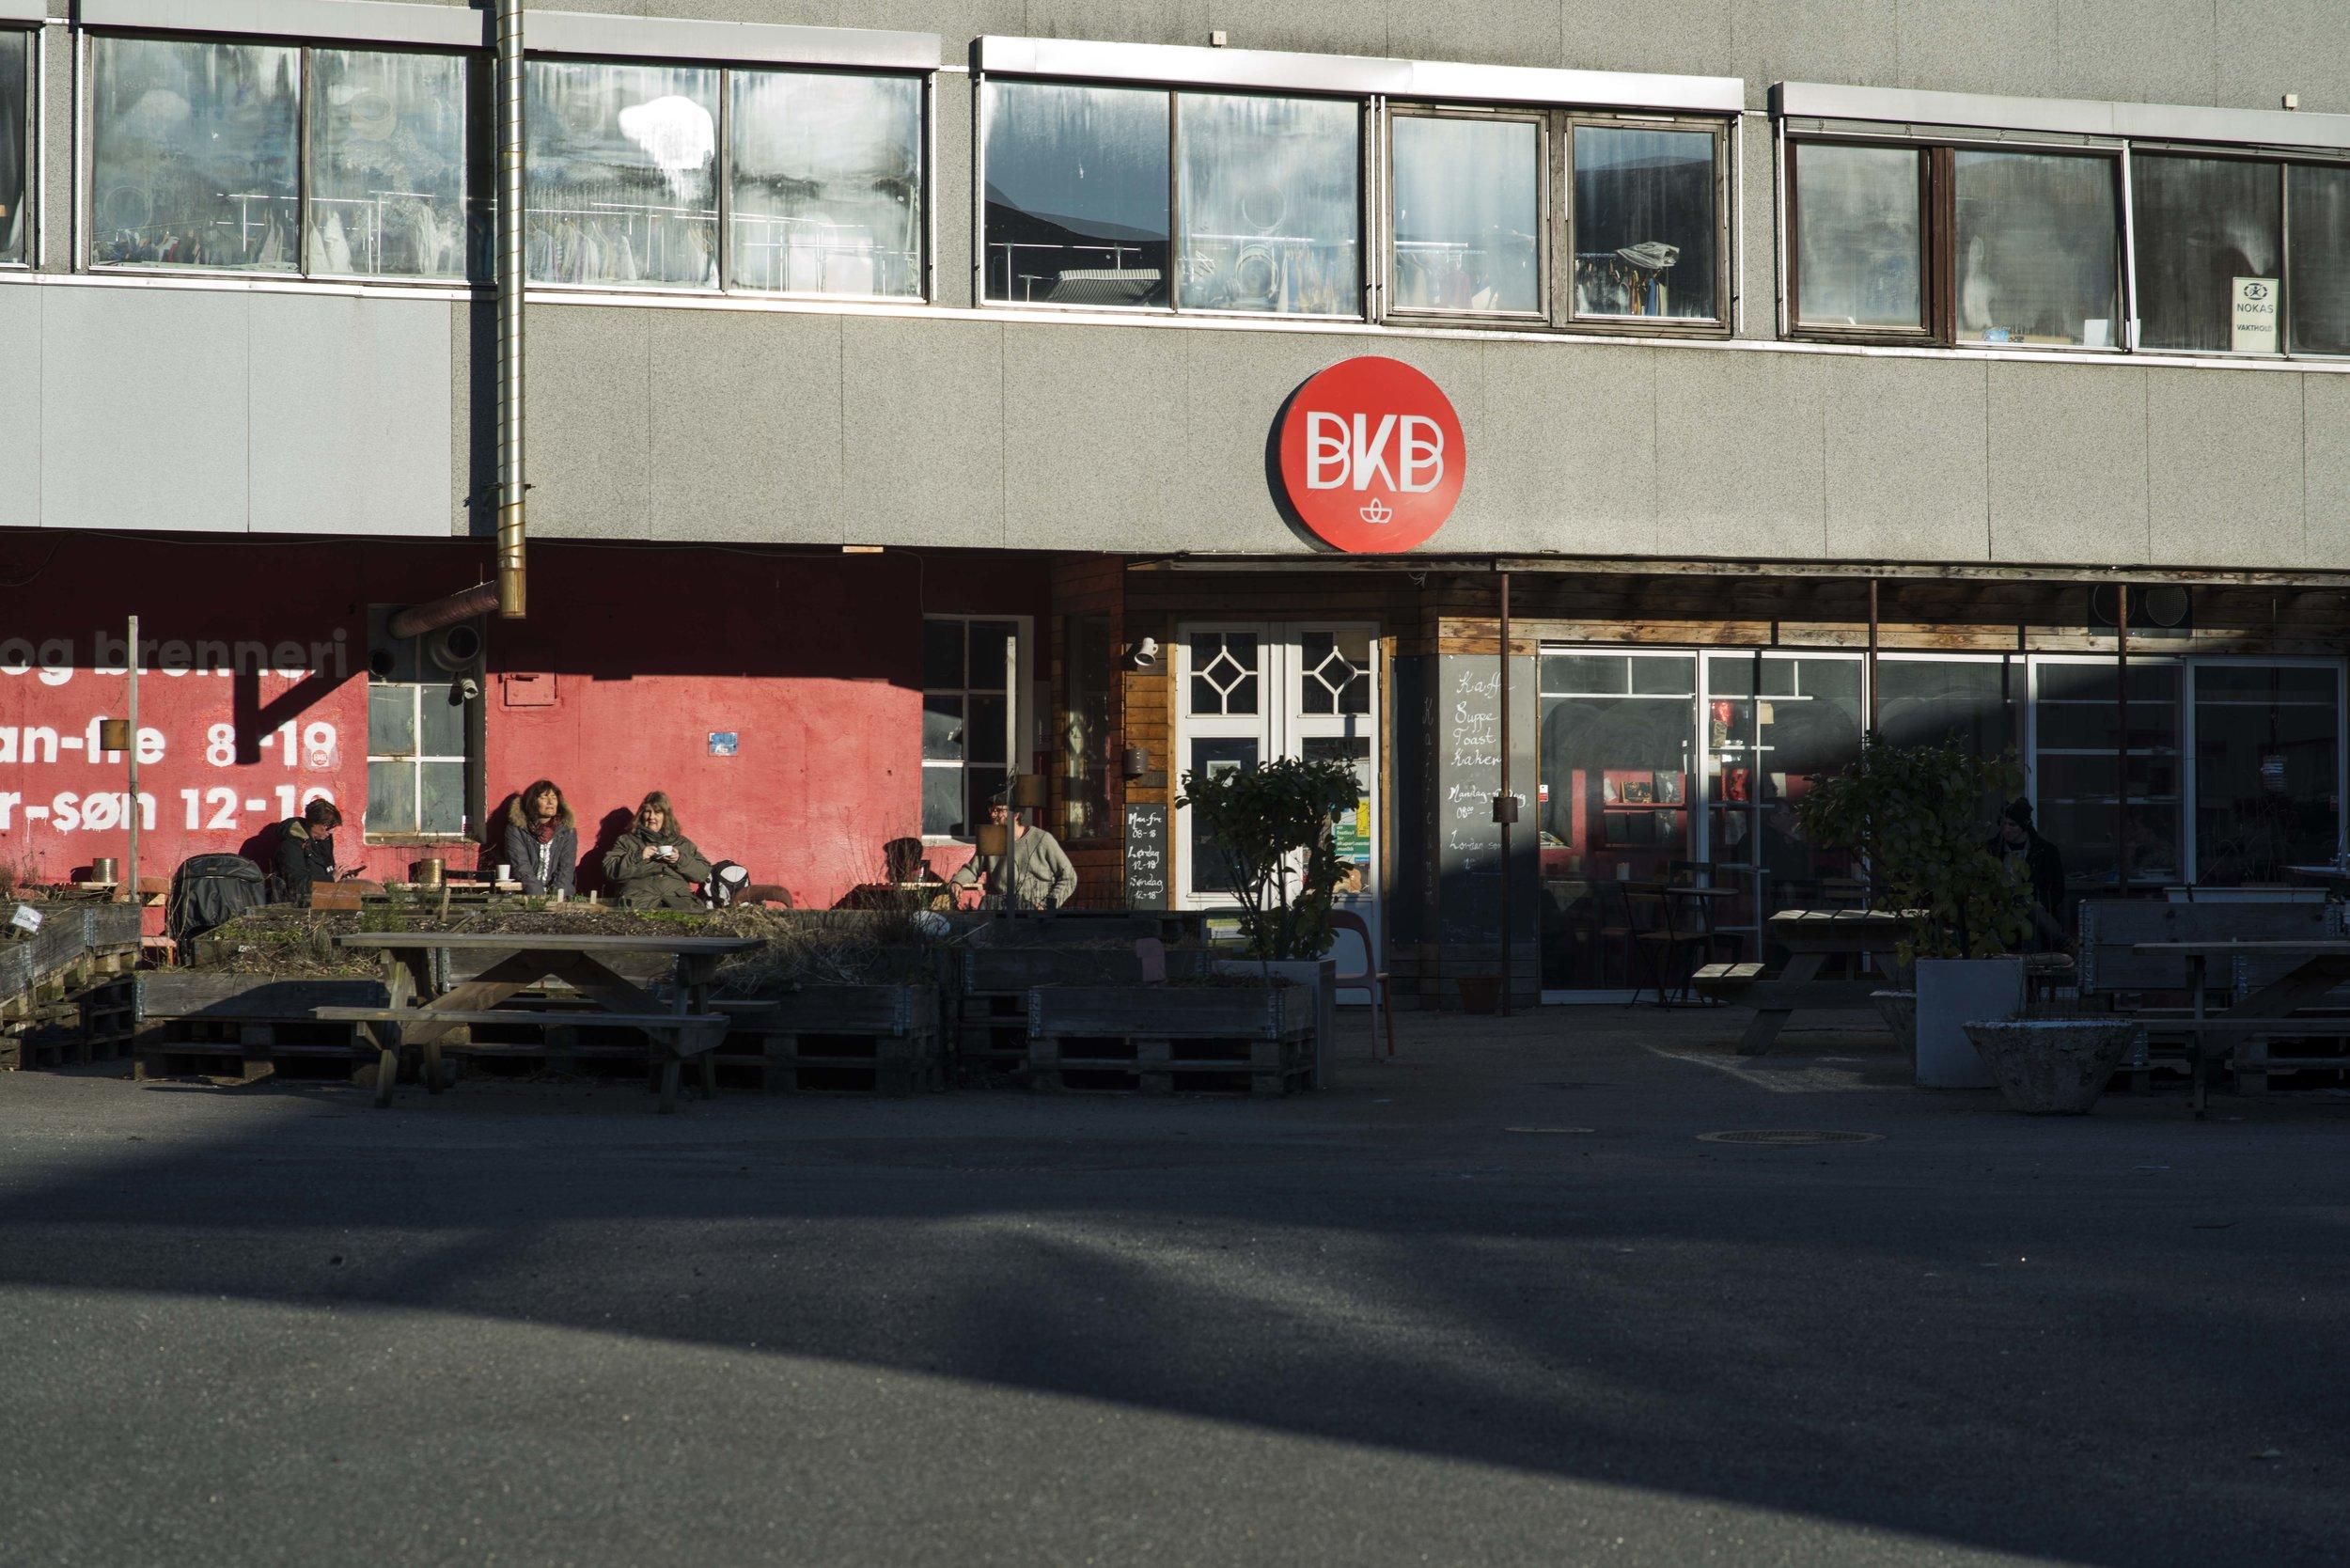 - Bergen kaffebrenneriKong Christian Frederiksplass 65006 Bergenepost: post@bergenkaffebrenneri.noInSTAGRAM bergen_kaffebrenneri